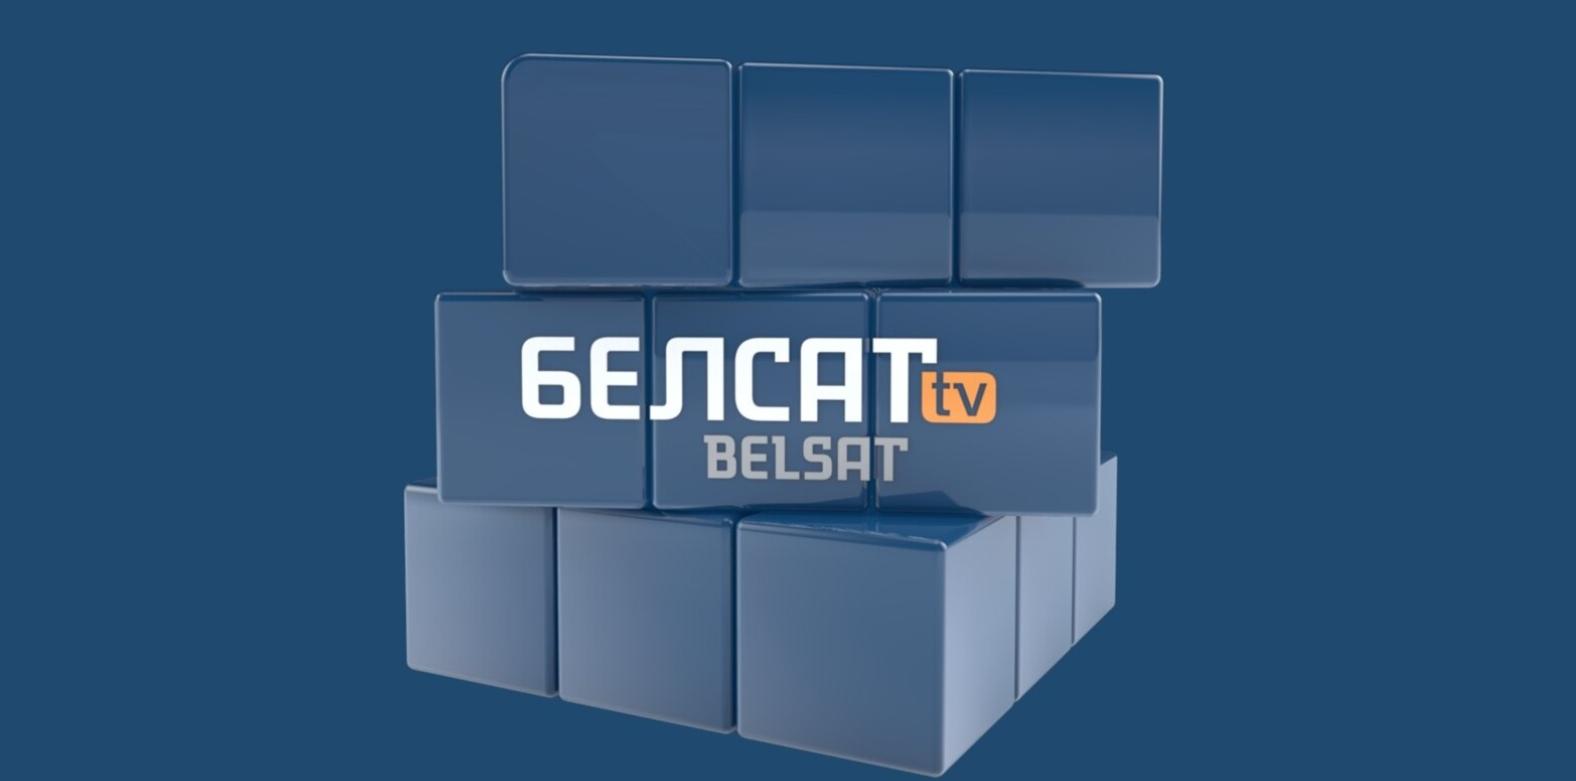 Українські провайдери можуть вільно ретранслювати «Белсат» – представник каналу в Україні Ілля Суздалєв